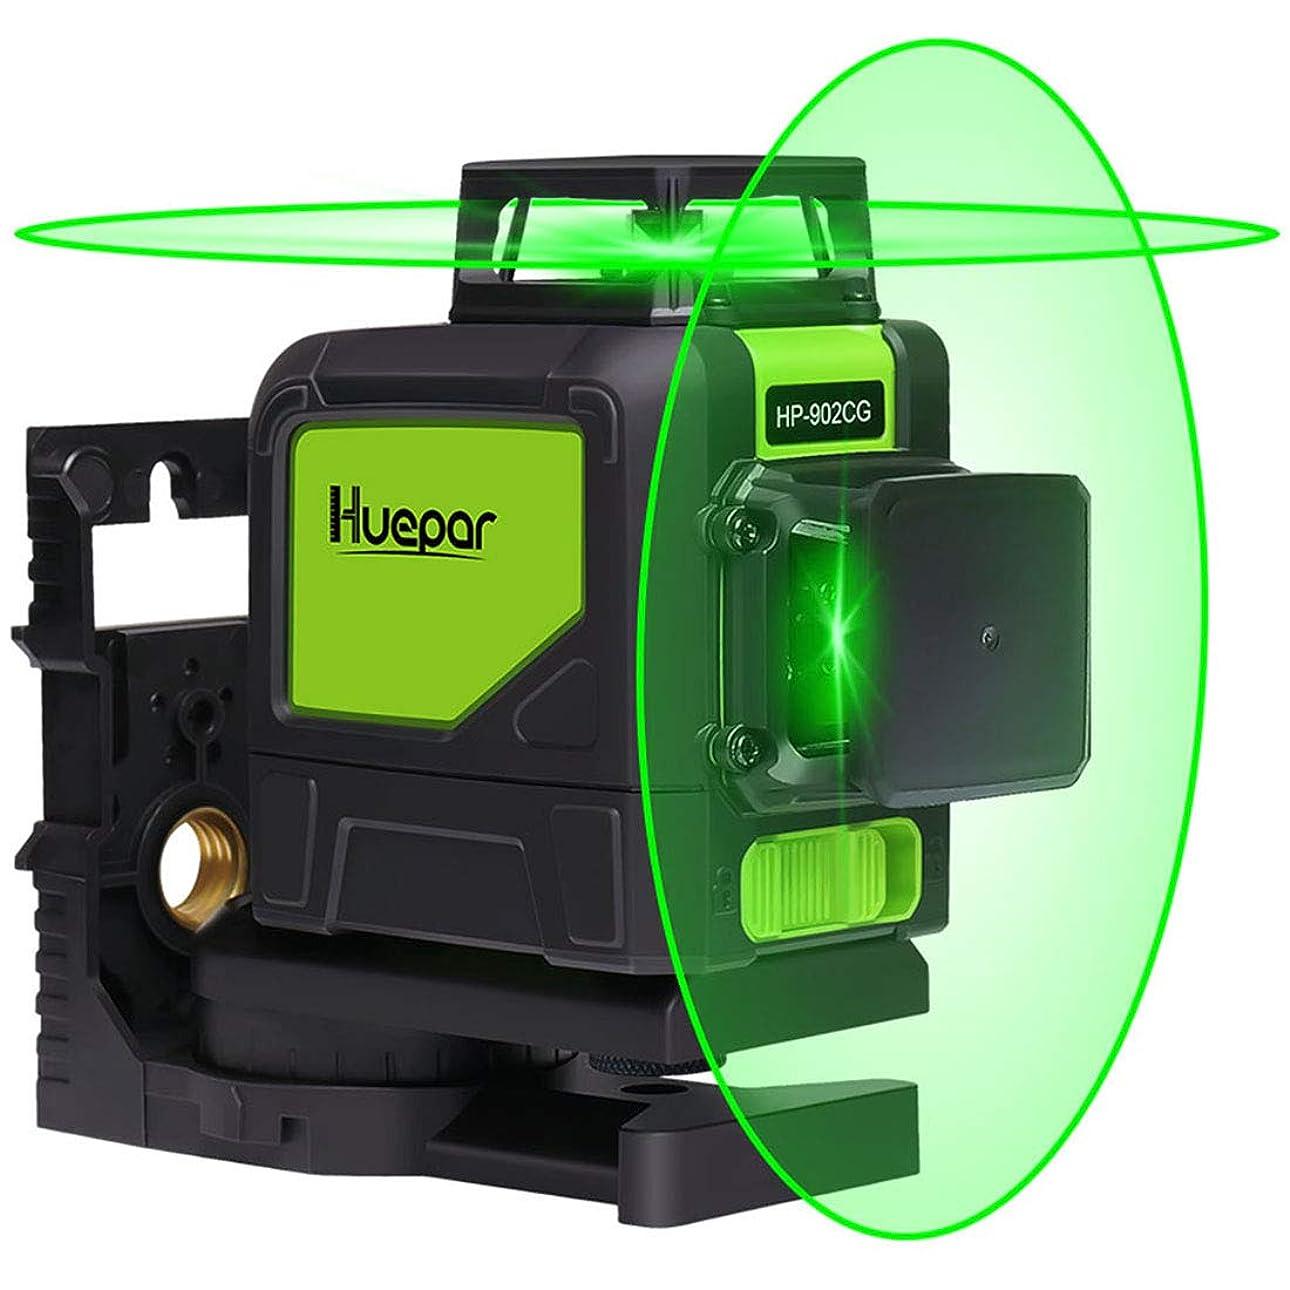 不屈操る自殺Huepar 2x360° レーザー墨出し器 グリーン 緑色 レーザー クロスライン 自動水平 高輝度 高精度 ミニ型 多機能取付台付属【横フルライン1本+縦フルライン1本タイプ】902CG